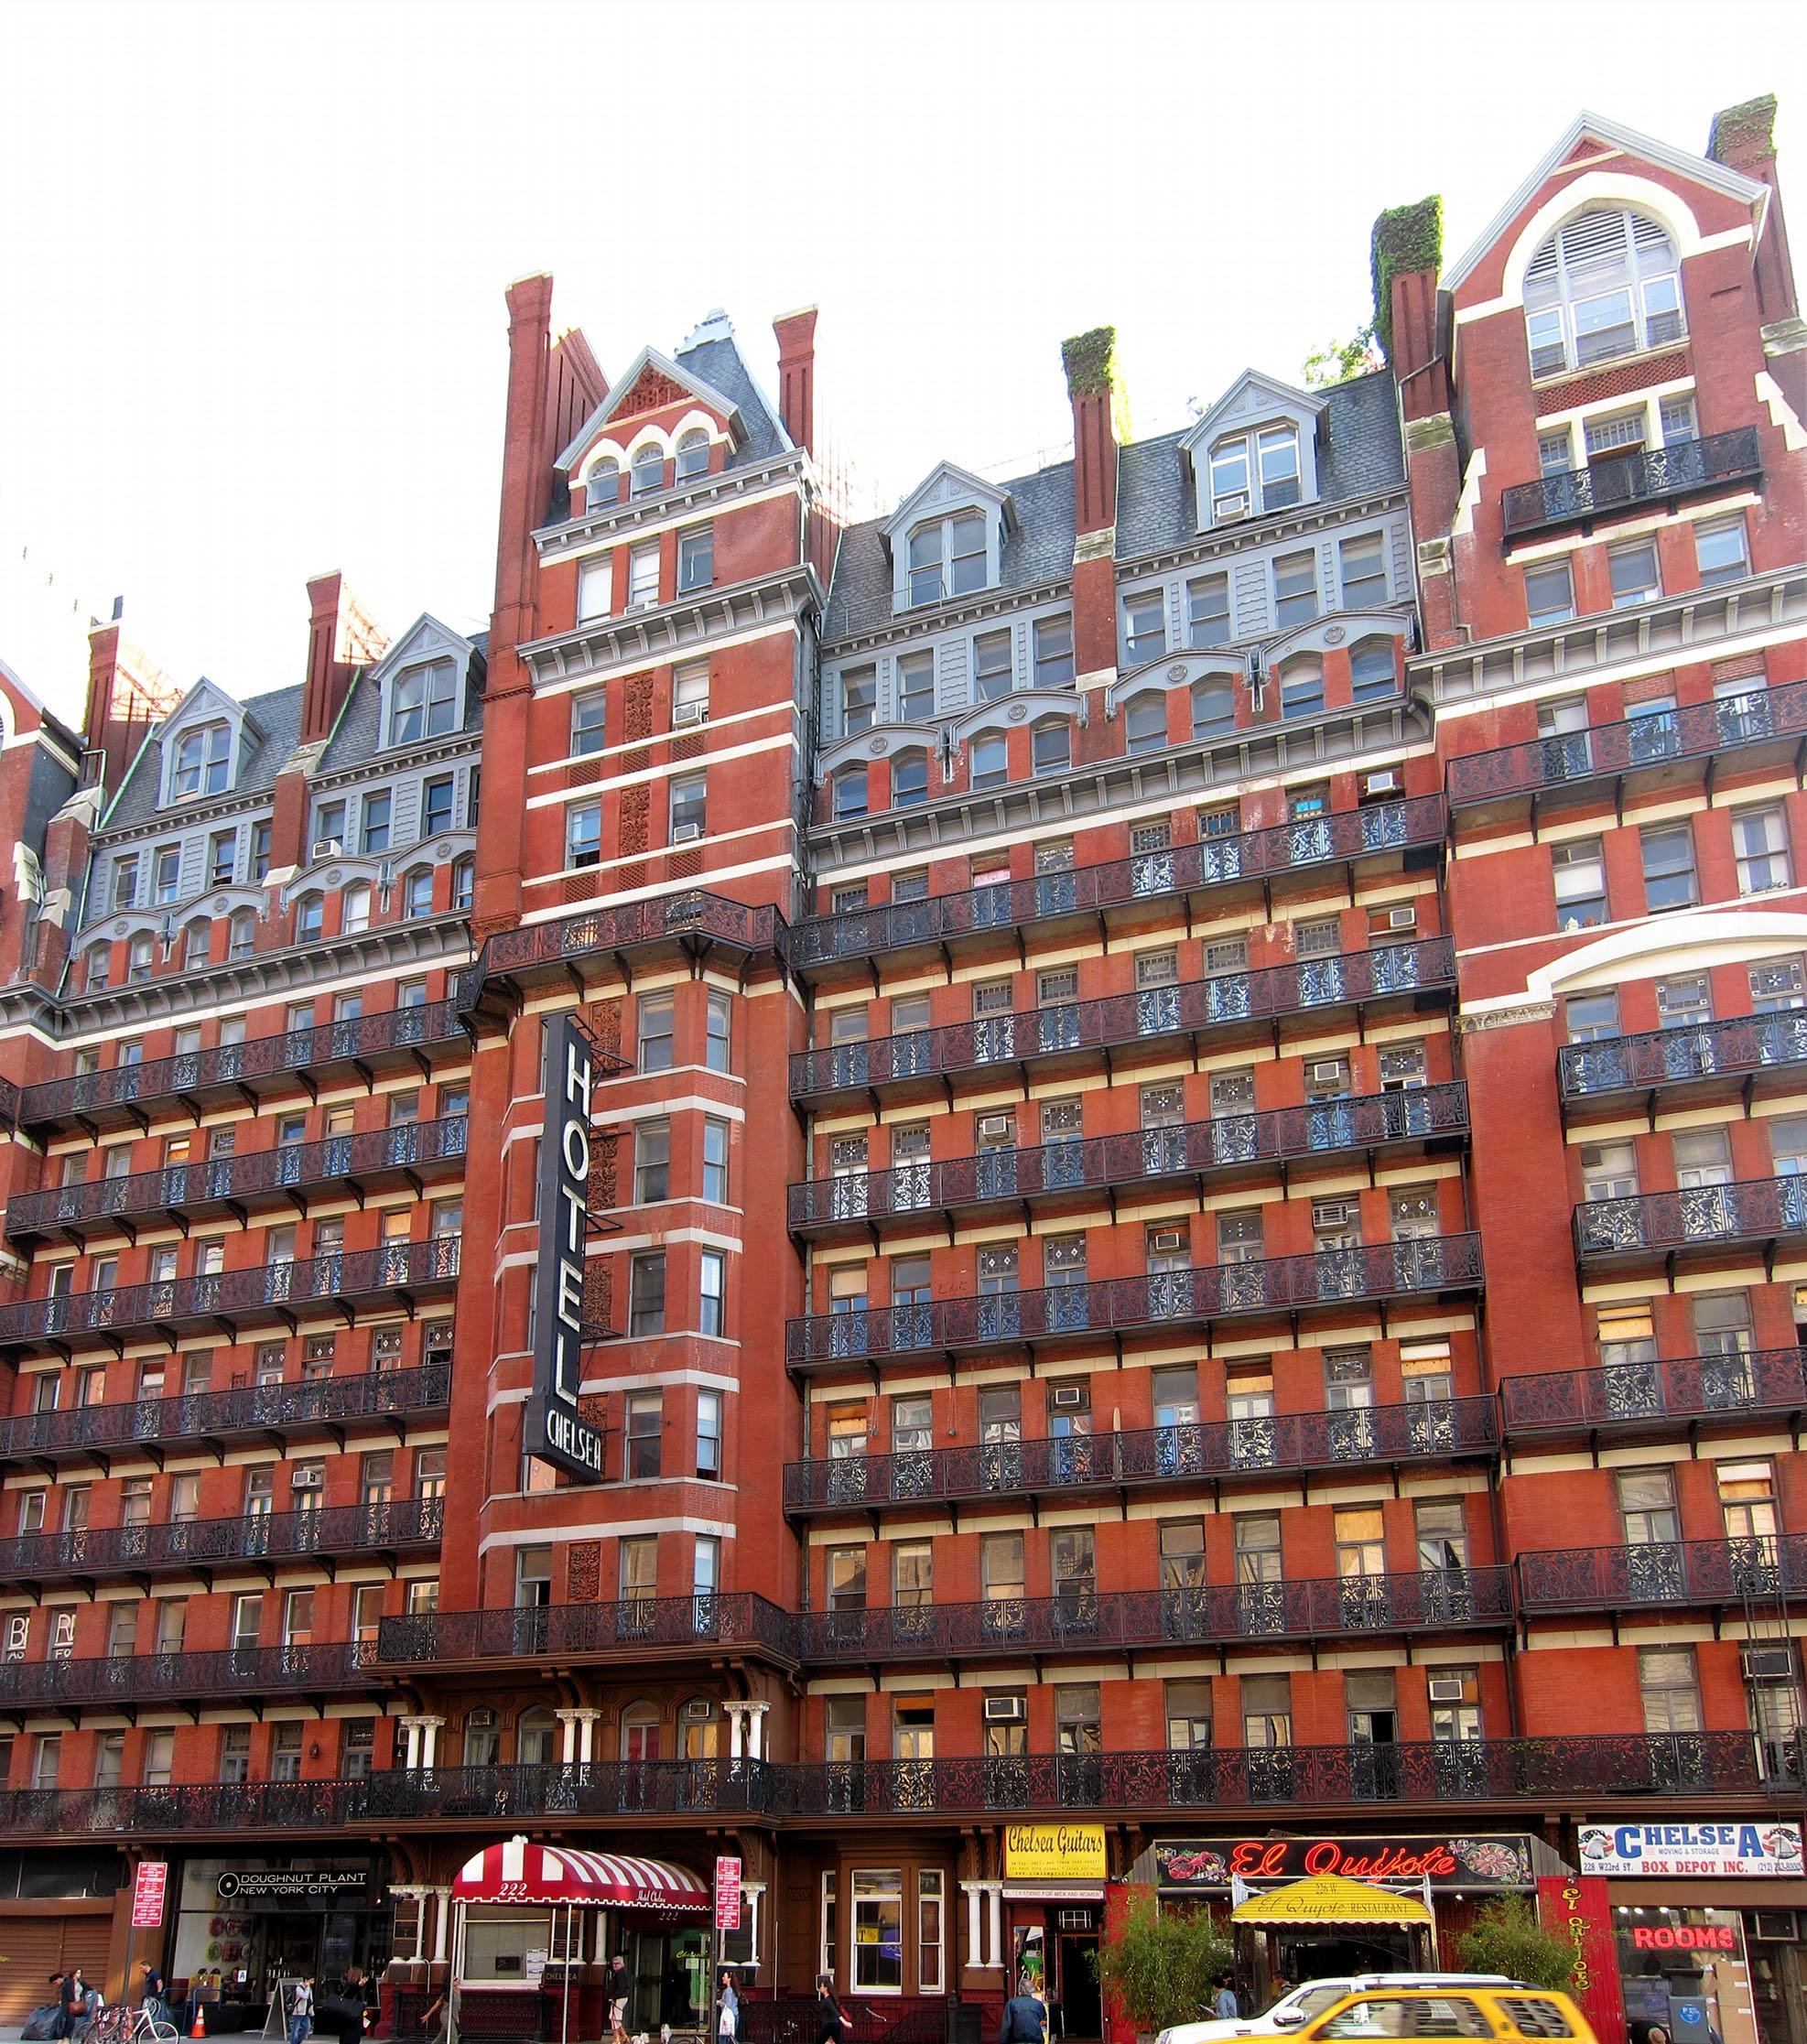 http://upload.wikimedia.org/wikipedia/commons/7/72/NY_chelsea_hotel.jpg